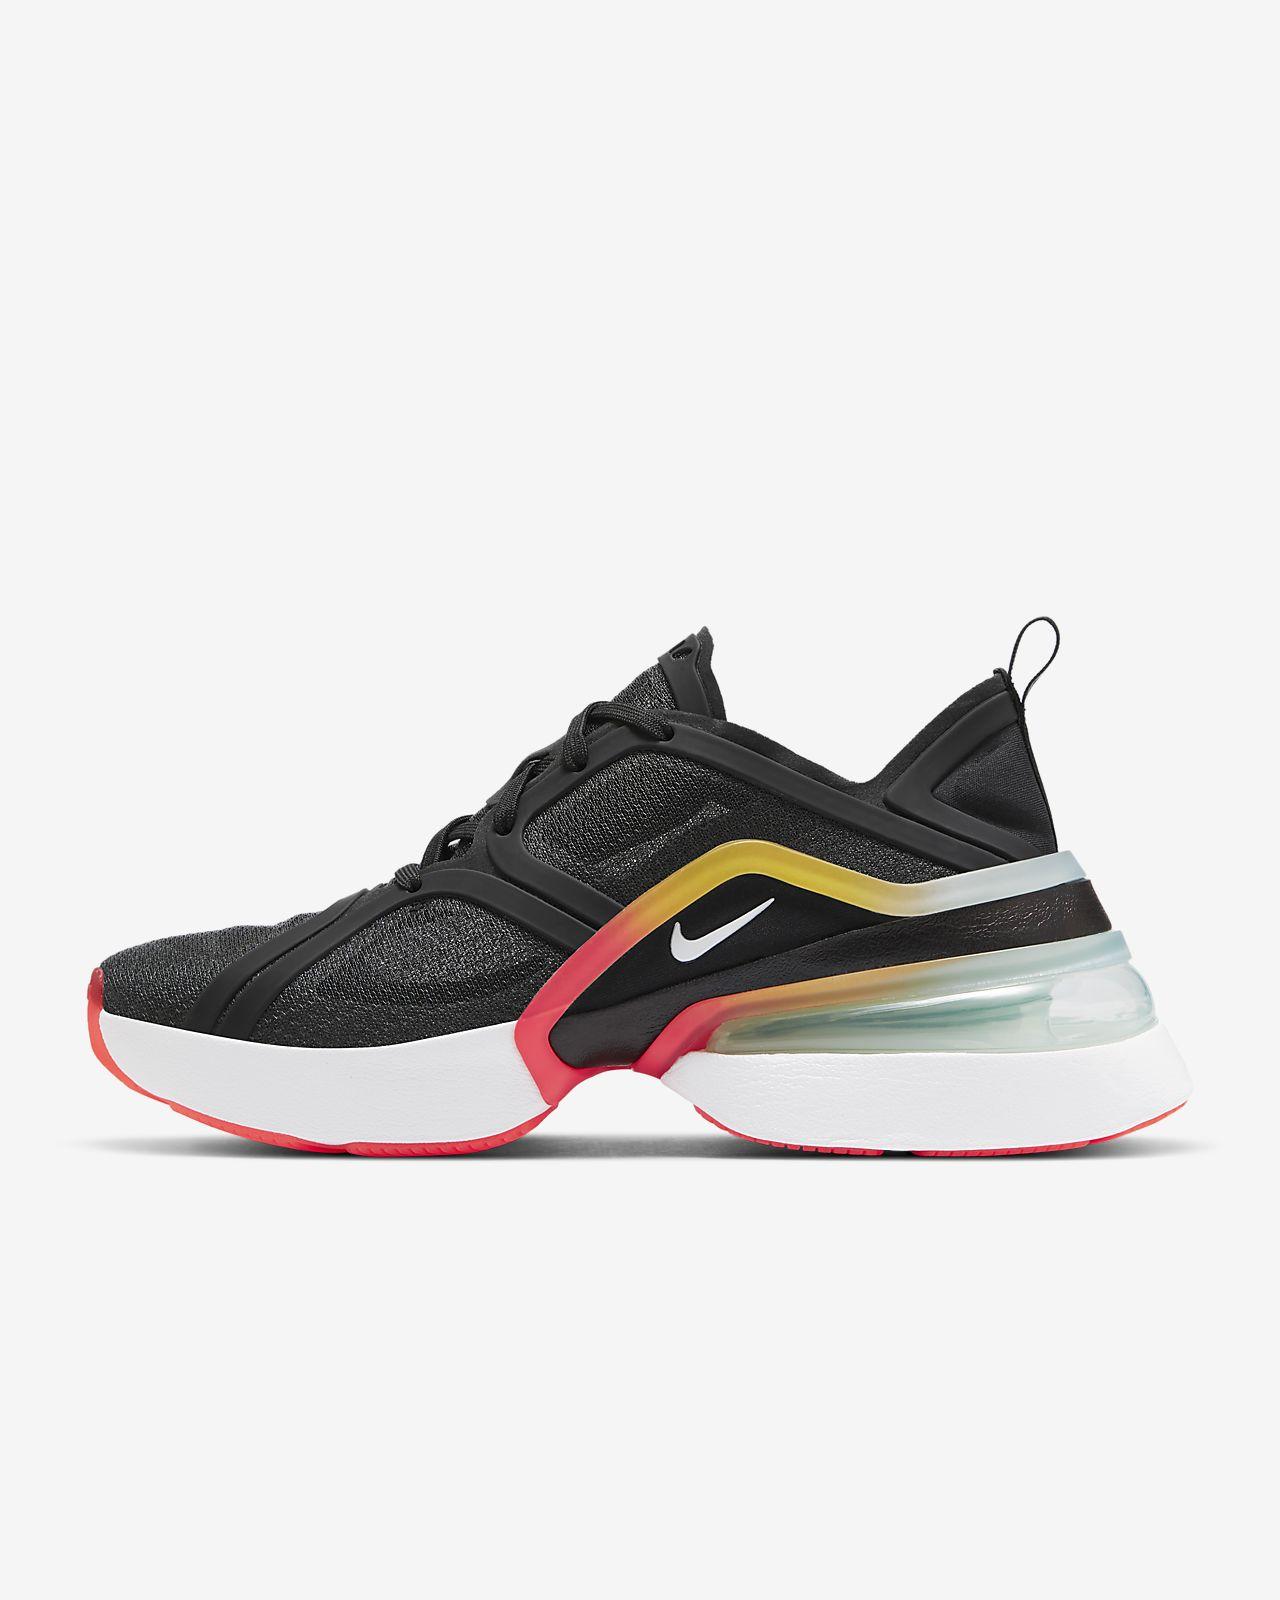 Sapatilhas Nike Air Max 270 XX para mulher